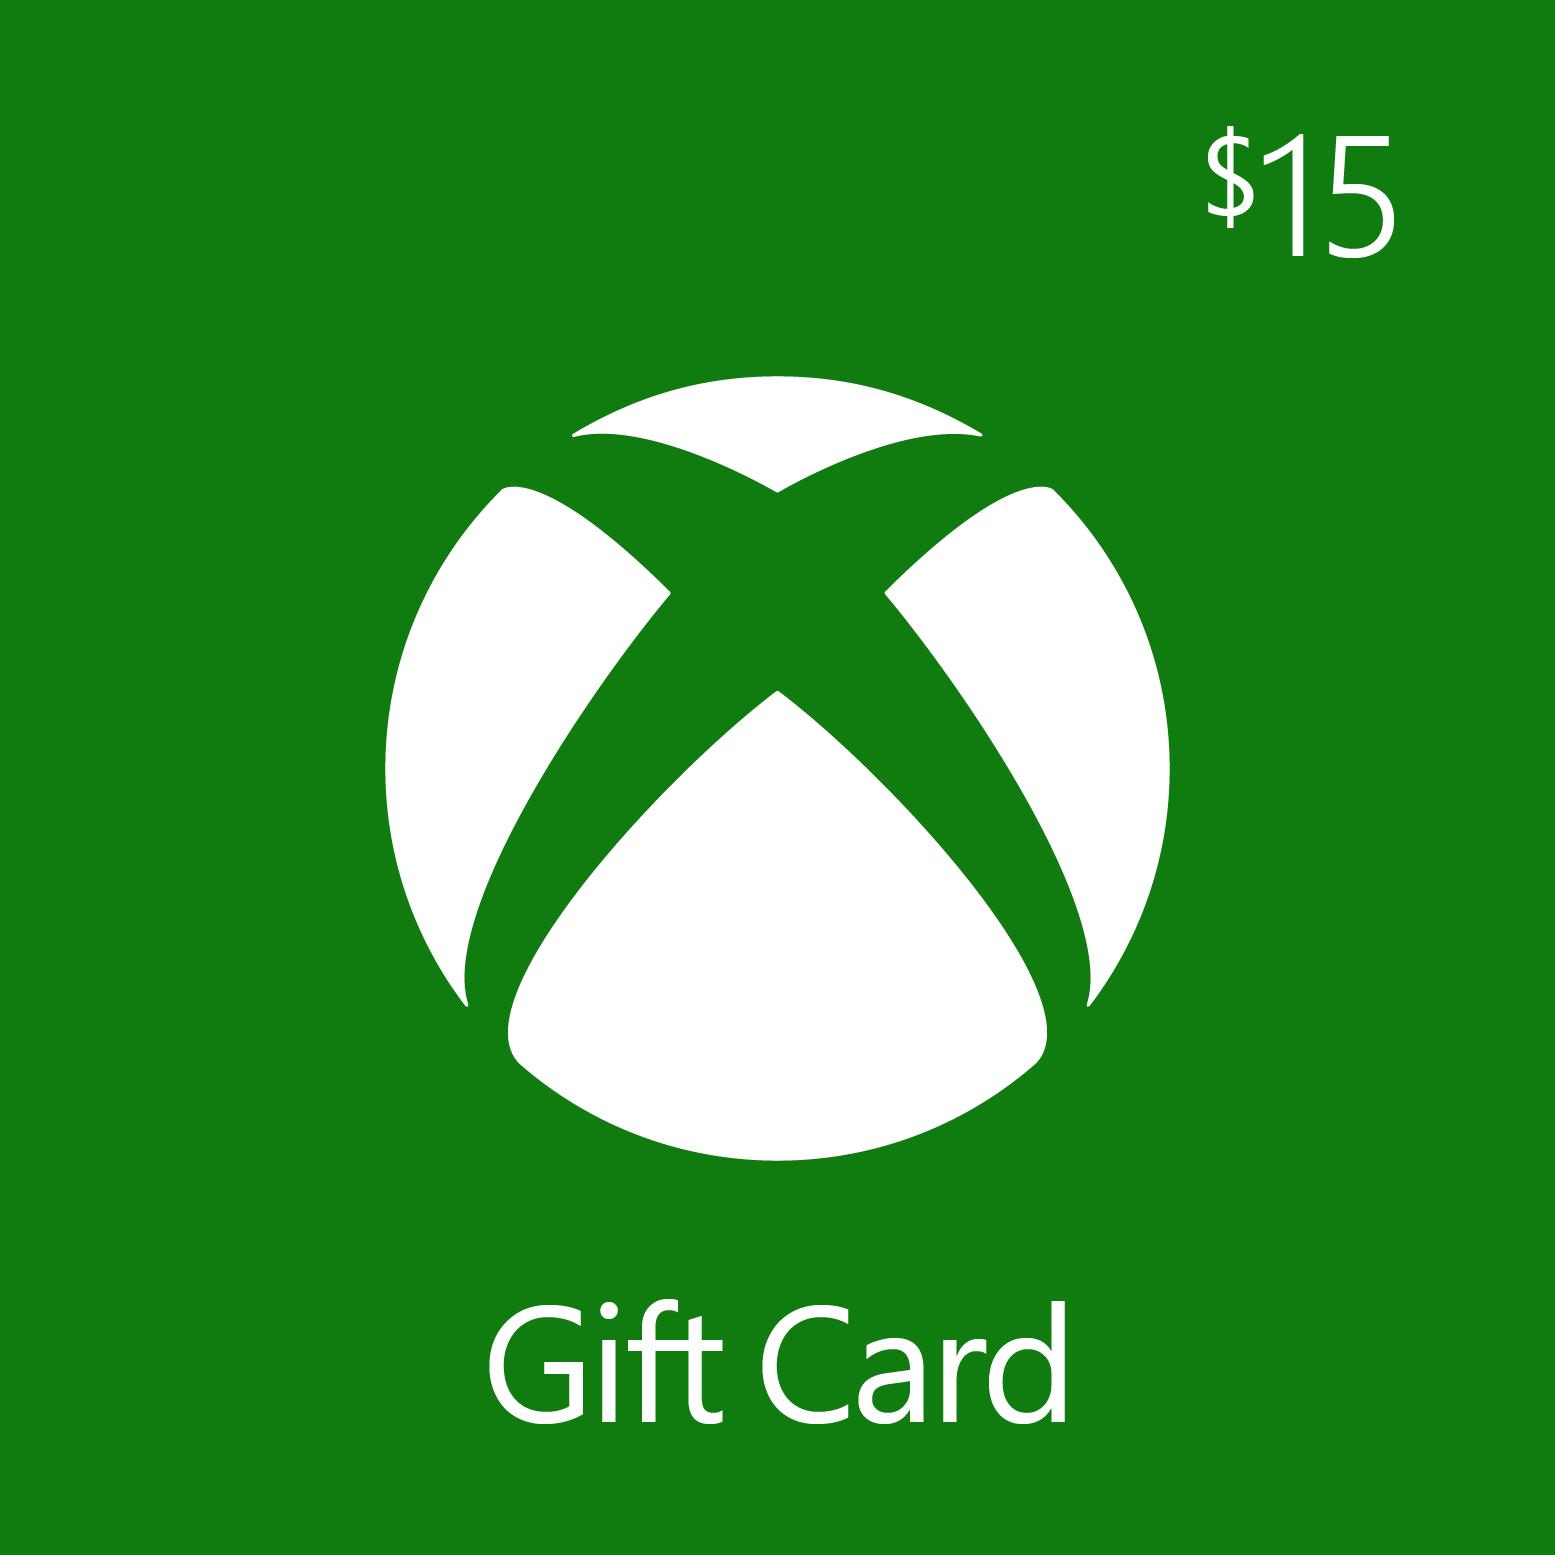 $15.00 Xbox Digital Gift Card